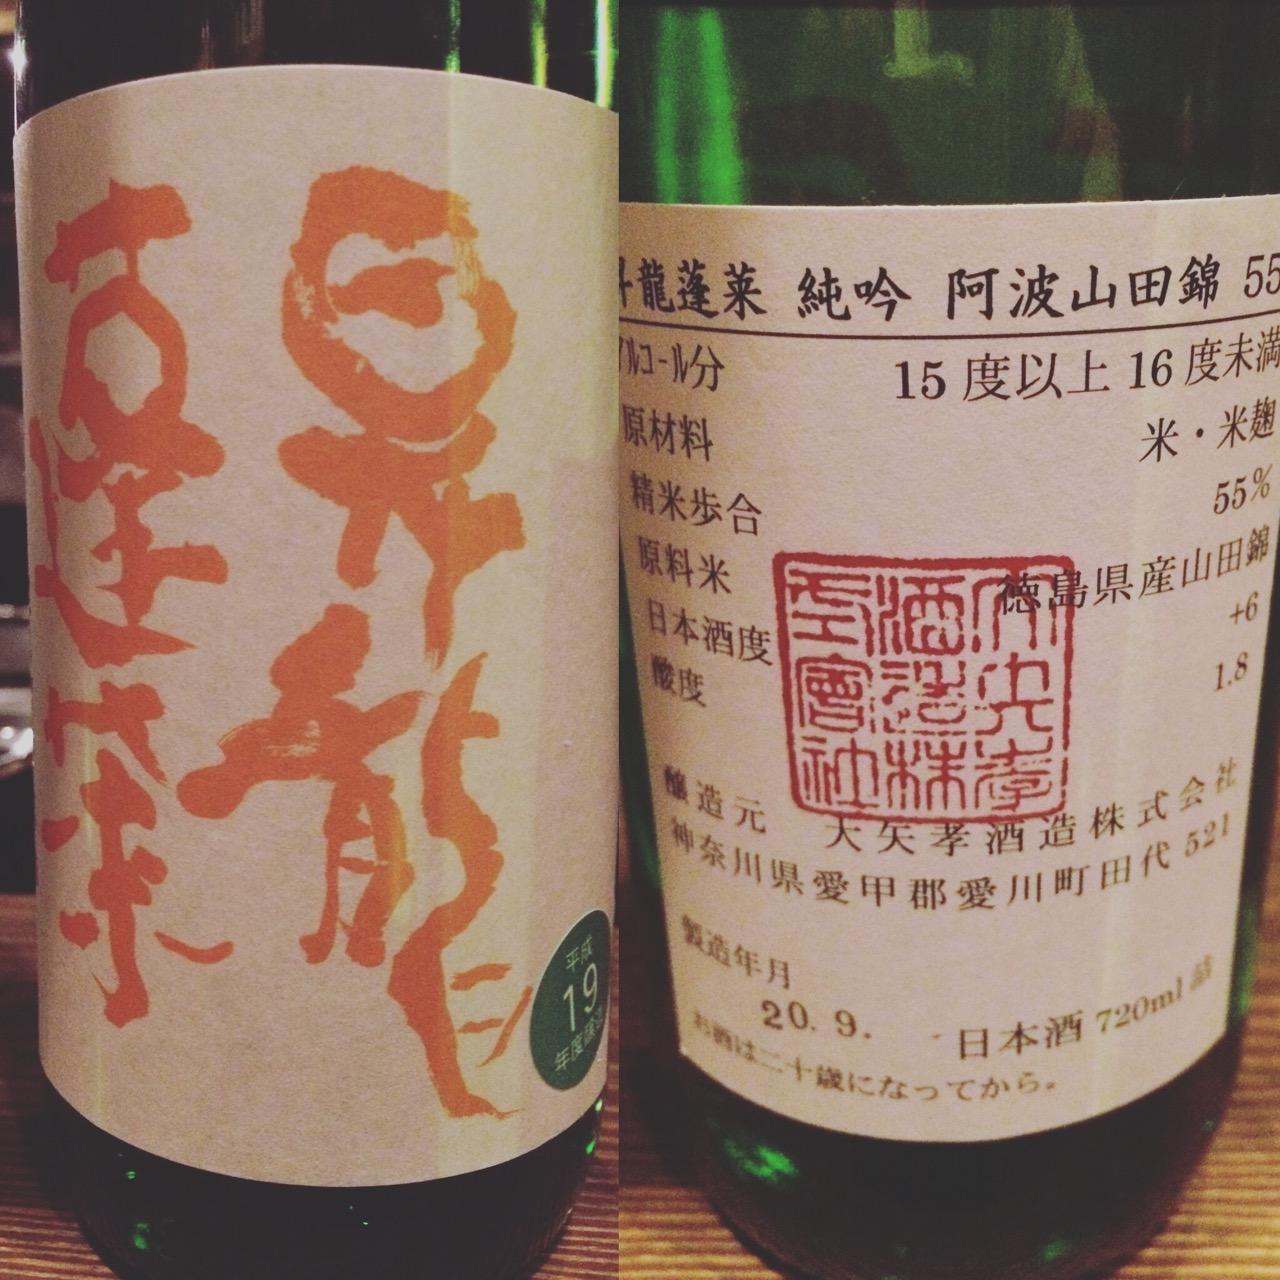 昇龍蓬莱(しょうりゅうほうらい) 純吟 阿波山田錦 55|日本酒テイスティングノート